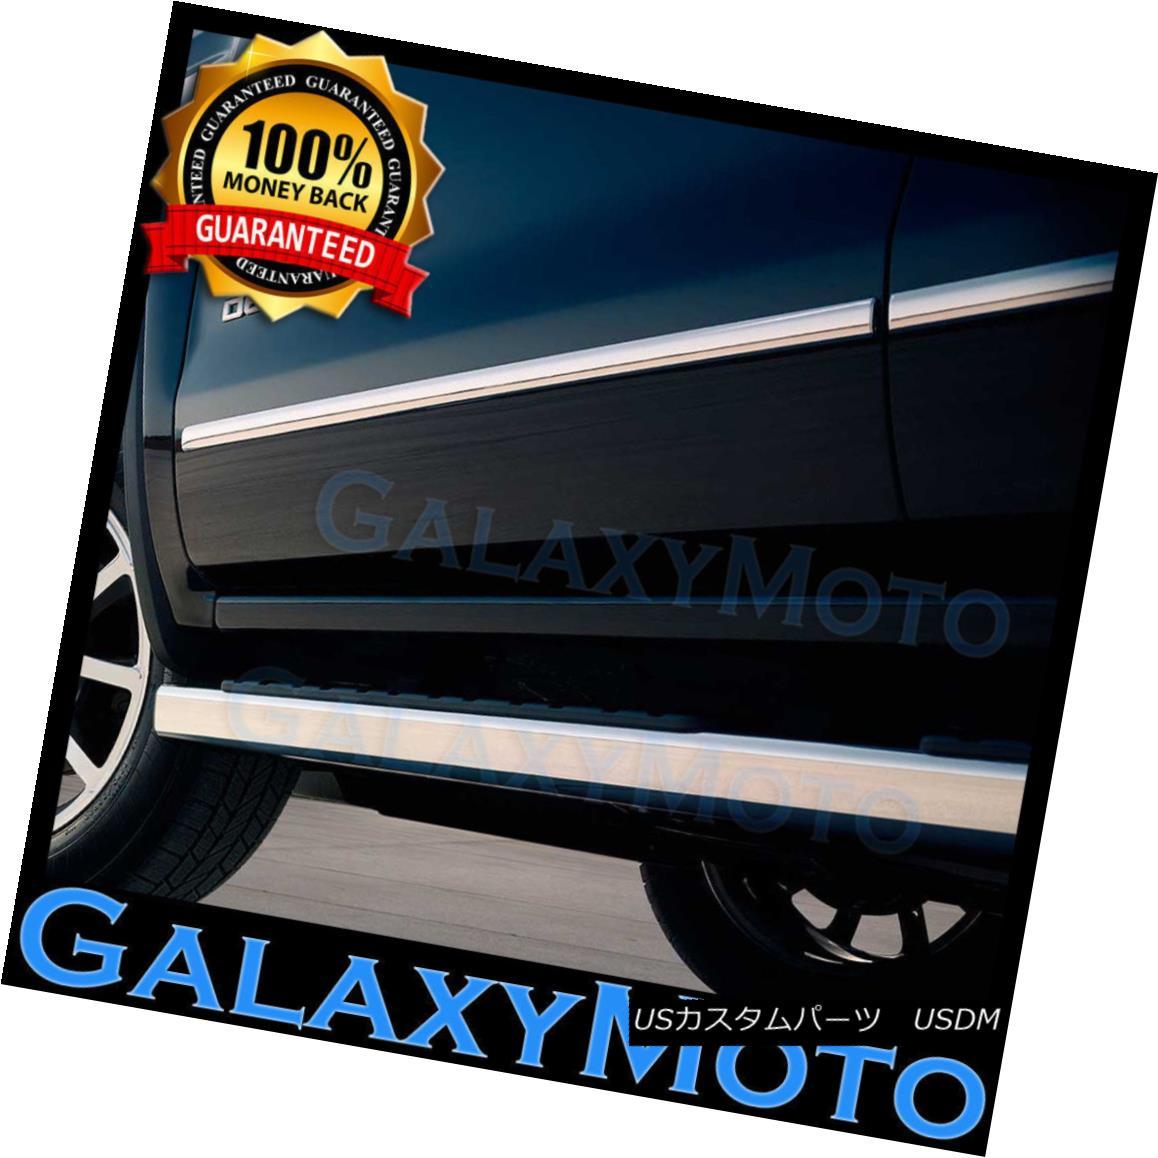 グリル 14-16 GMC Sierra Extended Cab 4 Door Chrome Body Side Molding Front+Rear 4pcs 14-16 GMC Sierra拡張キャブ4ドアクロームボディサイドモールディングフロント+リア4本